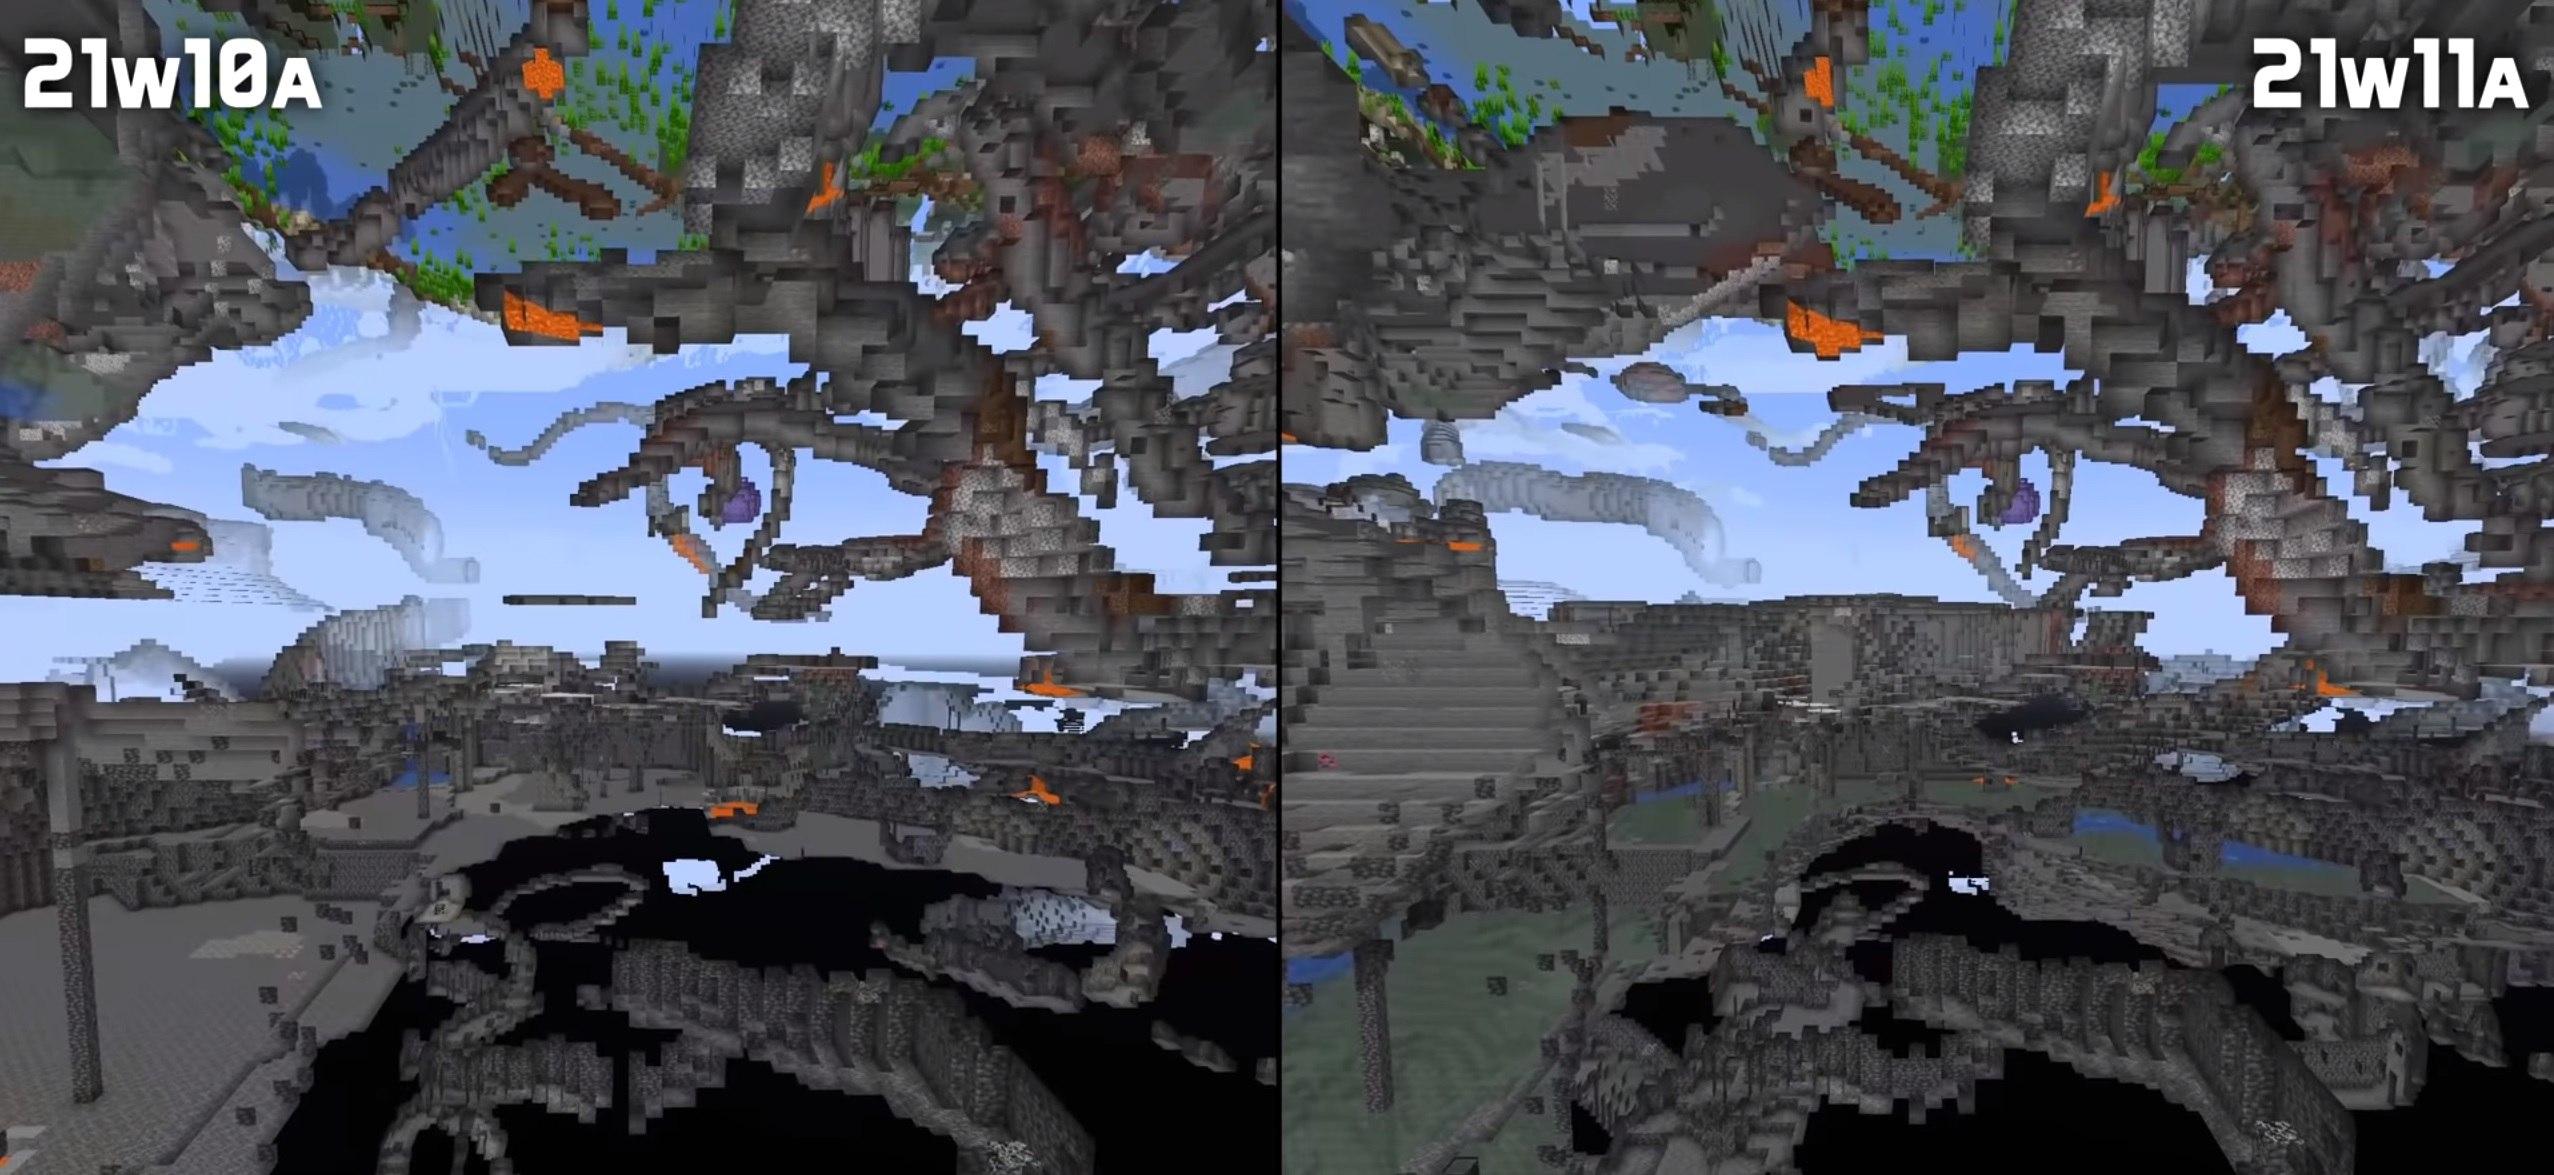 snapshot 21w11a jaskinie